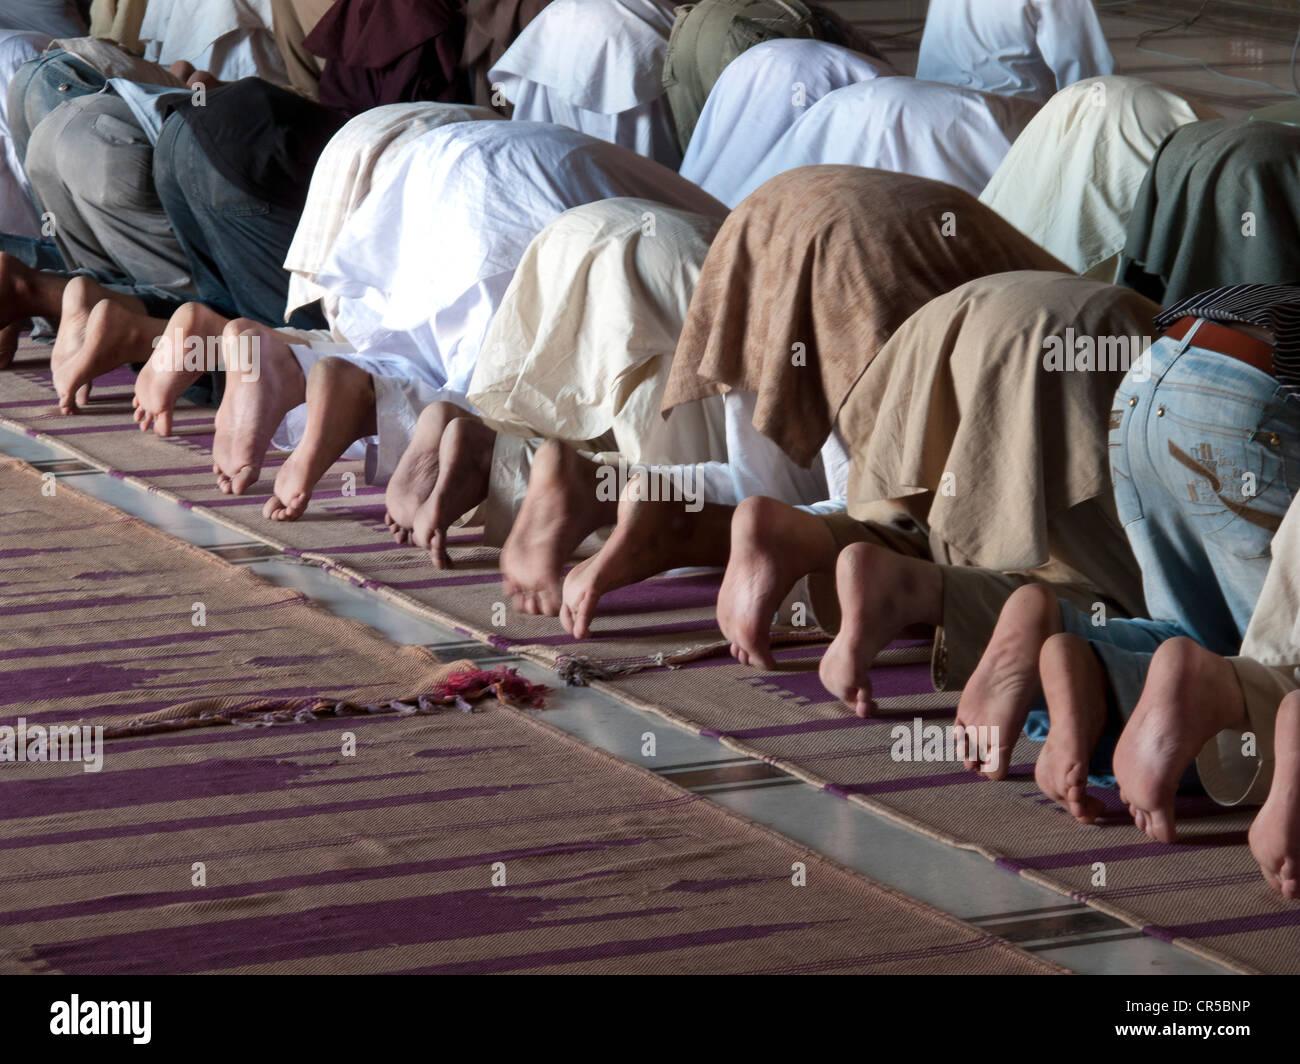 Los musulmanes rezando en Jama Mashid en Lahore, una de las mezquitas más grandes de Asia, Punjab, Pakistán, Asia Foto de stock